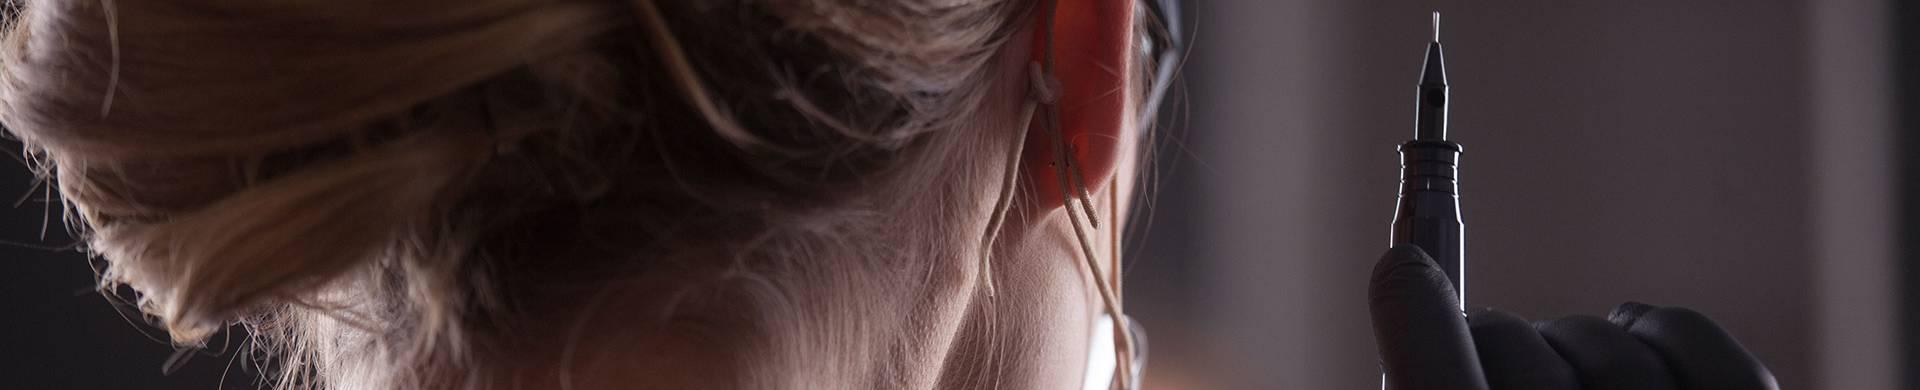 Zdjęcie mikropigmentacji skóry głowy